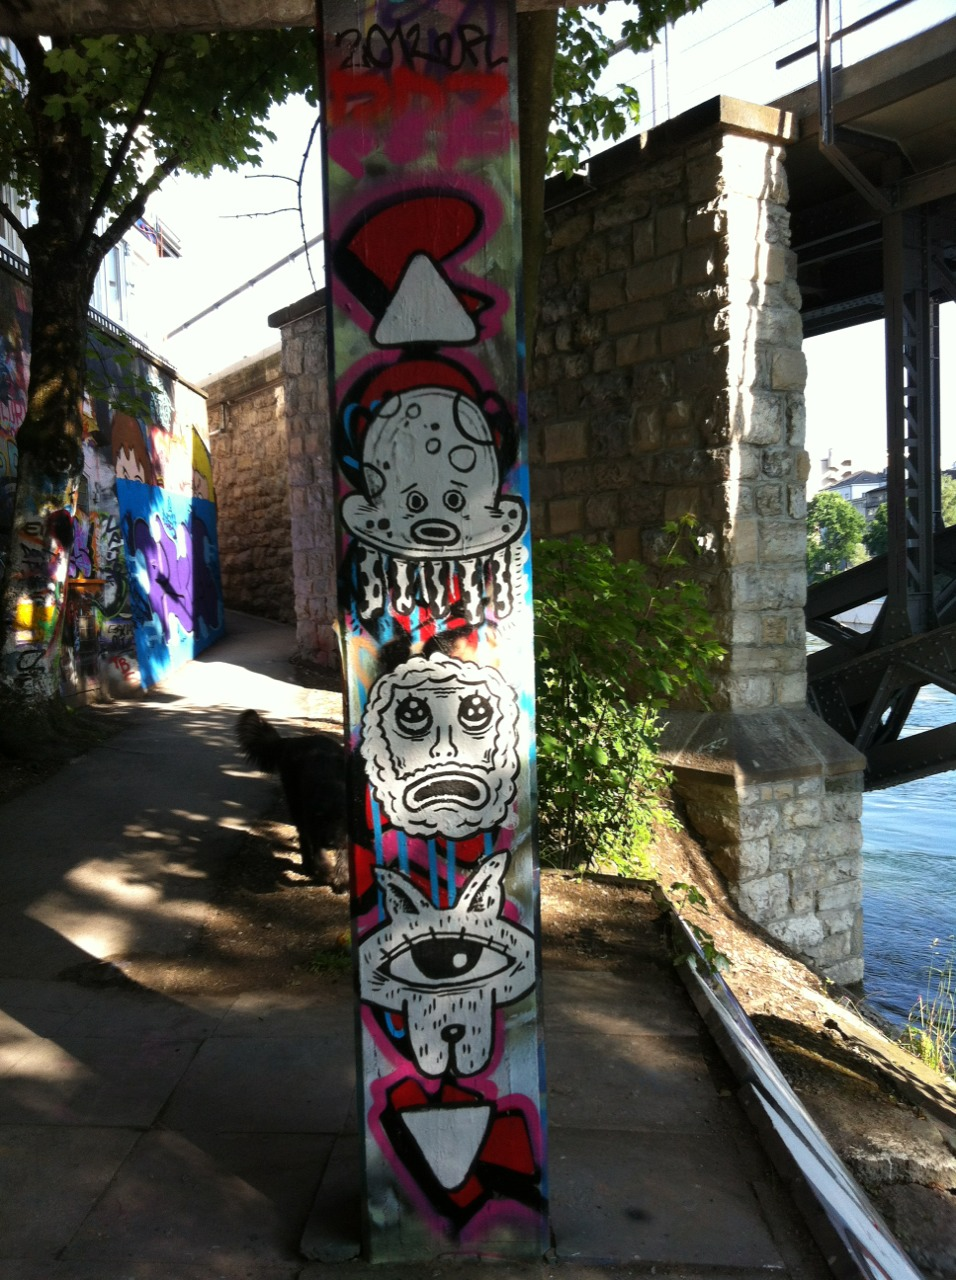 Gefällt mir gut. Streetart in Zürich. Wenn ich raten müsste in der Nähe Wipkingen. trytoexplainyourself